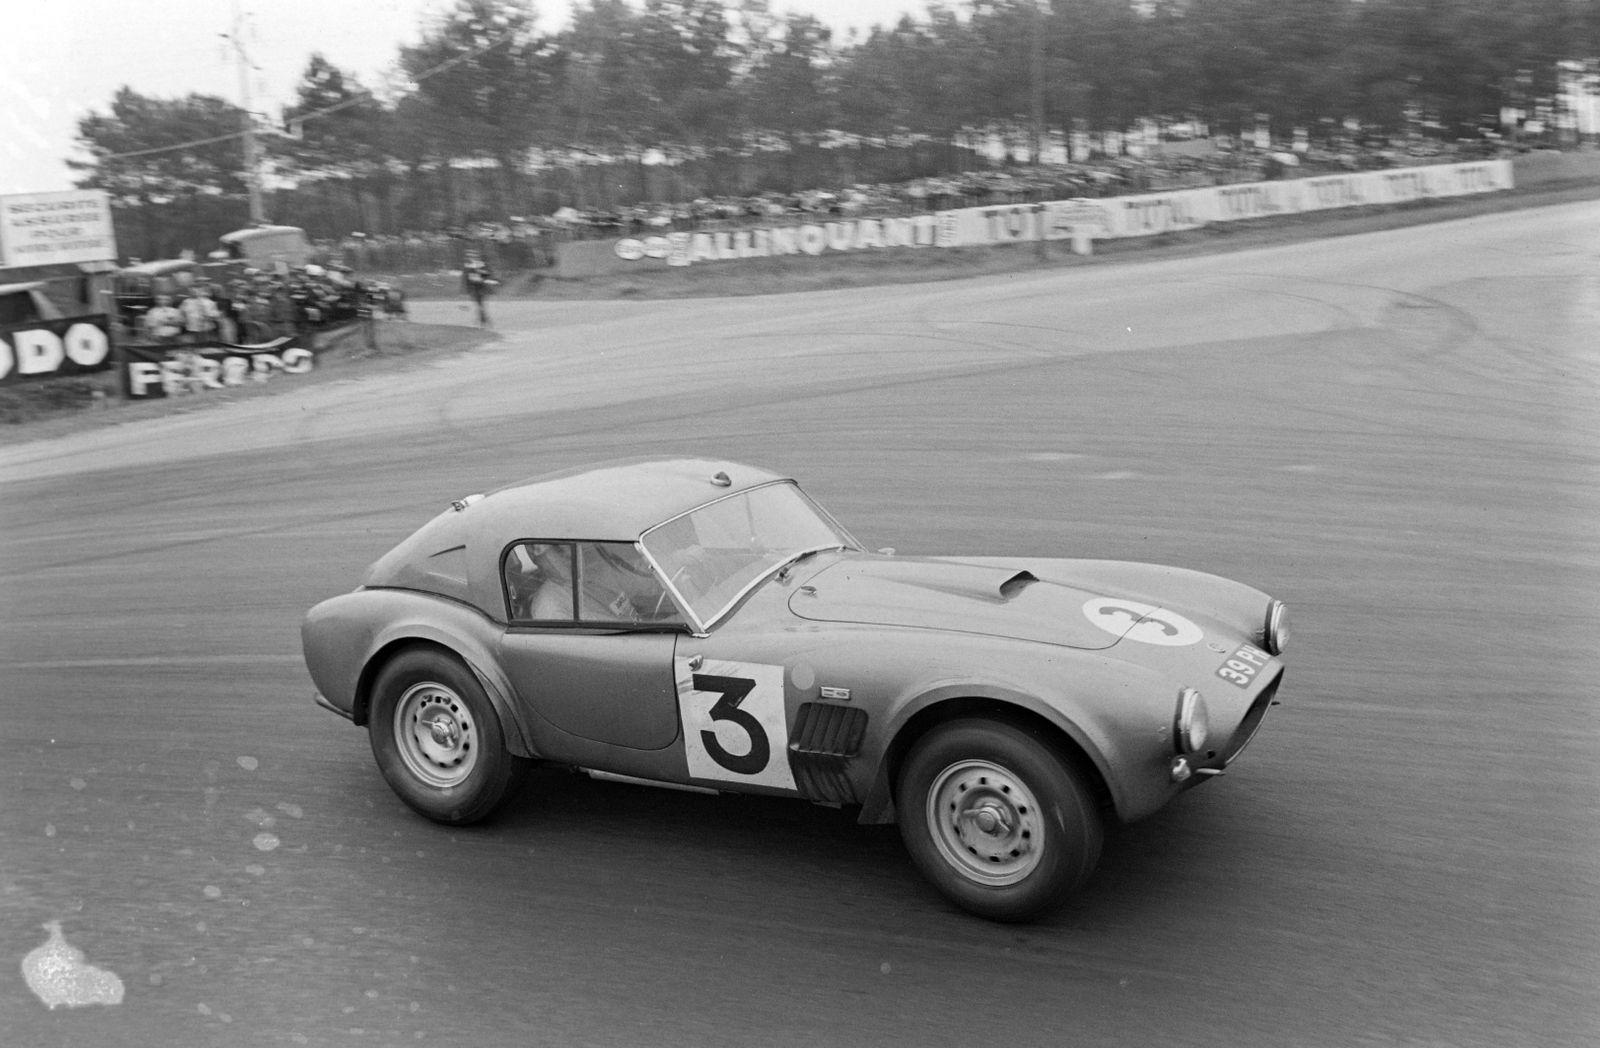 1963 24 Hours of Le Mans CIRCUIT DE LA SARTHE FRANCE JUNE 16 Peter Bolton Ninian Sanderson AC